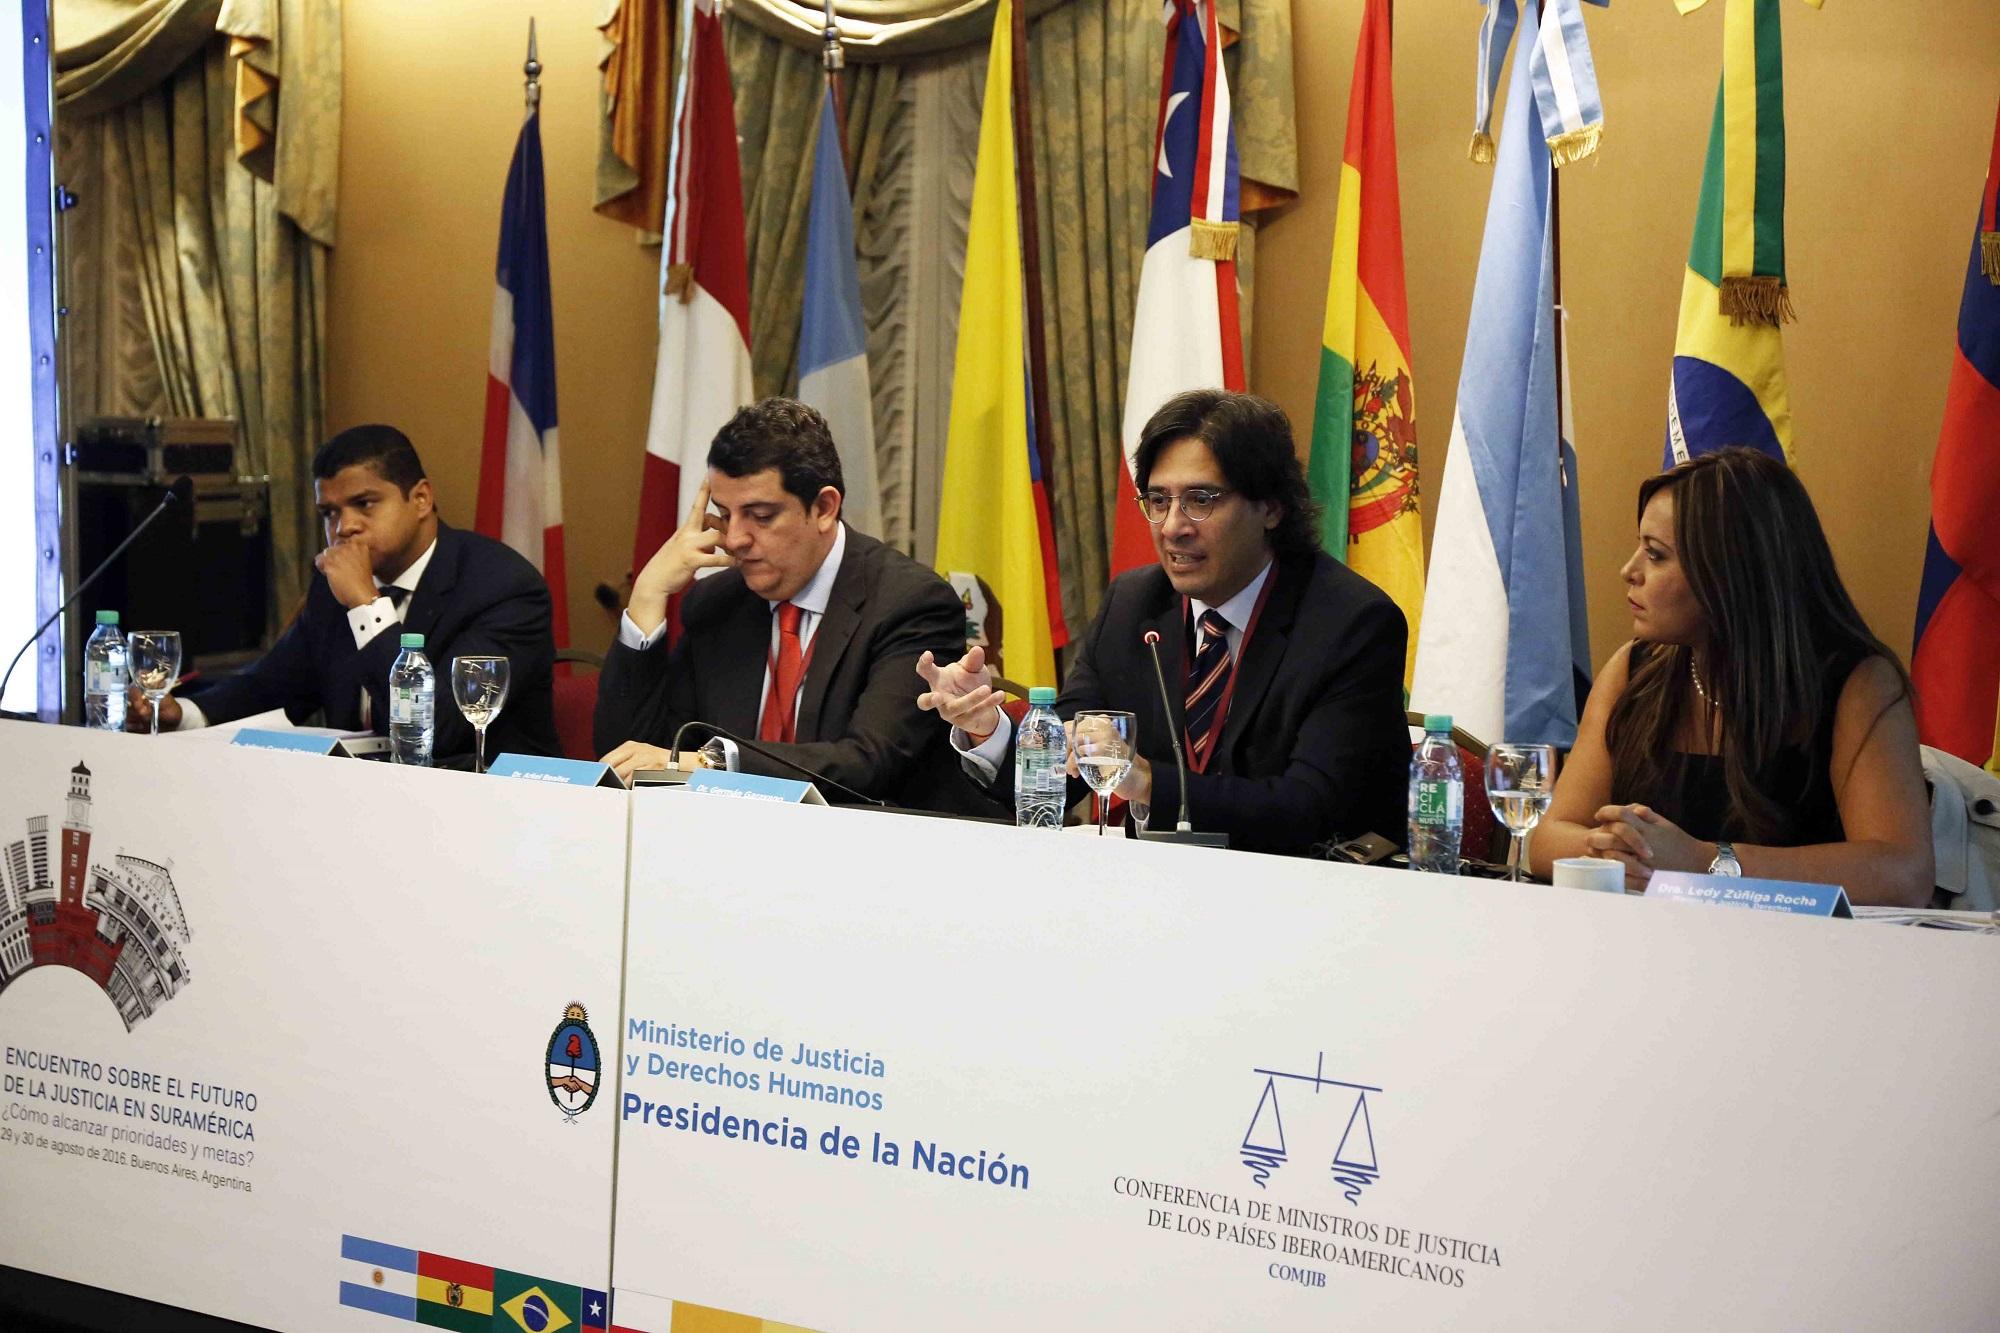 Garavano abrió el encuentro sobre el futuro de la justicia en Suramérica